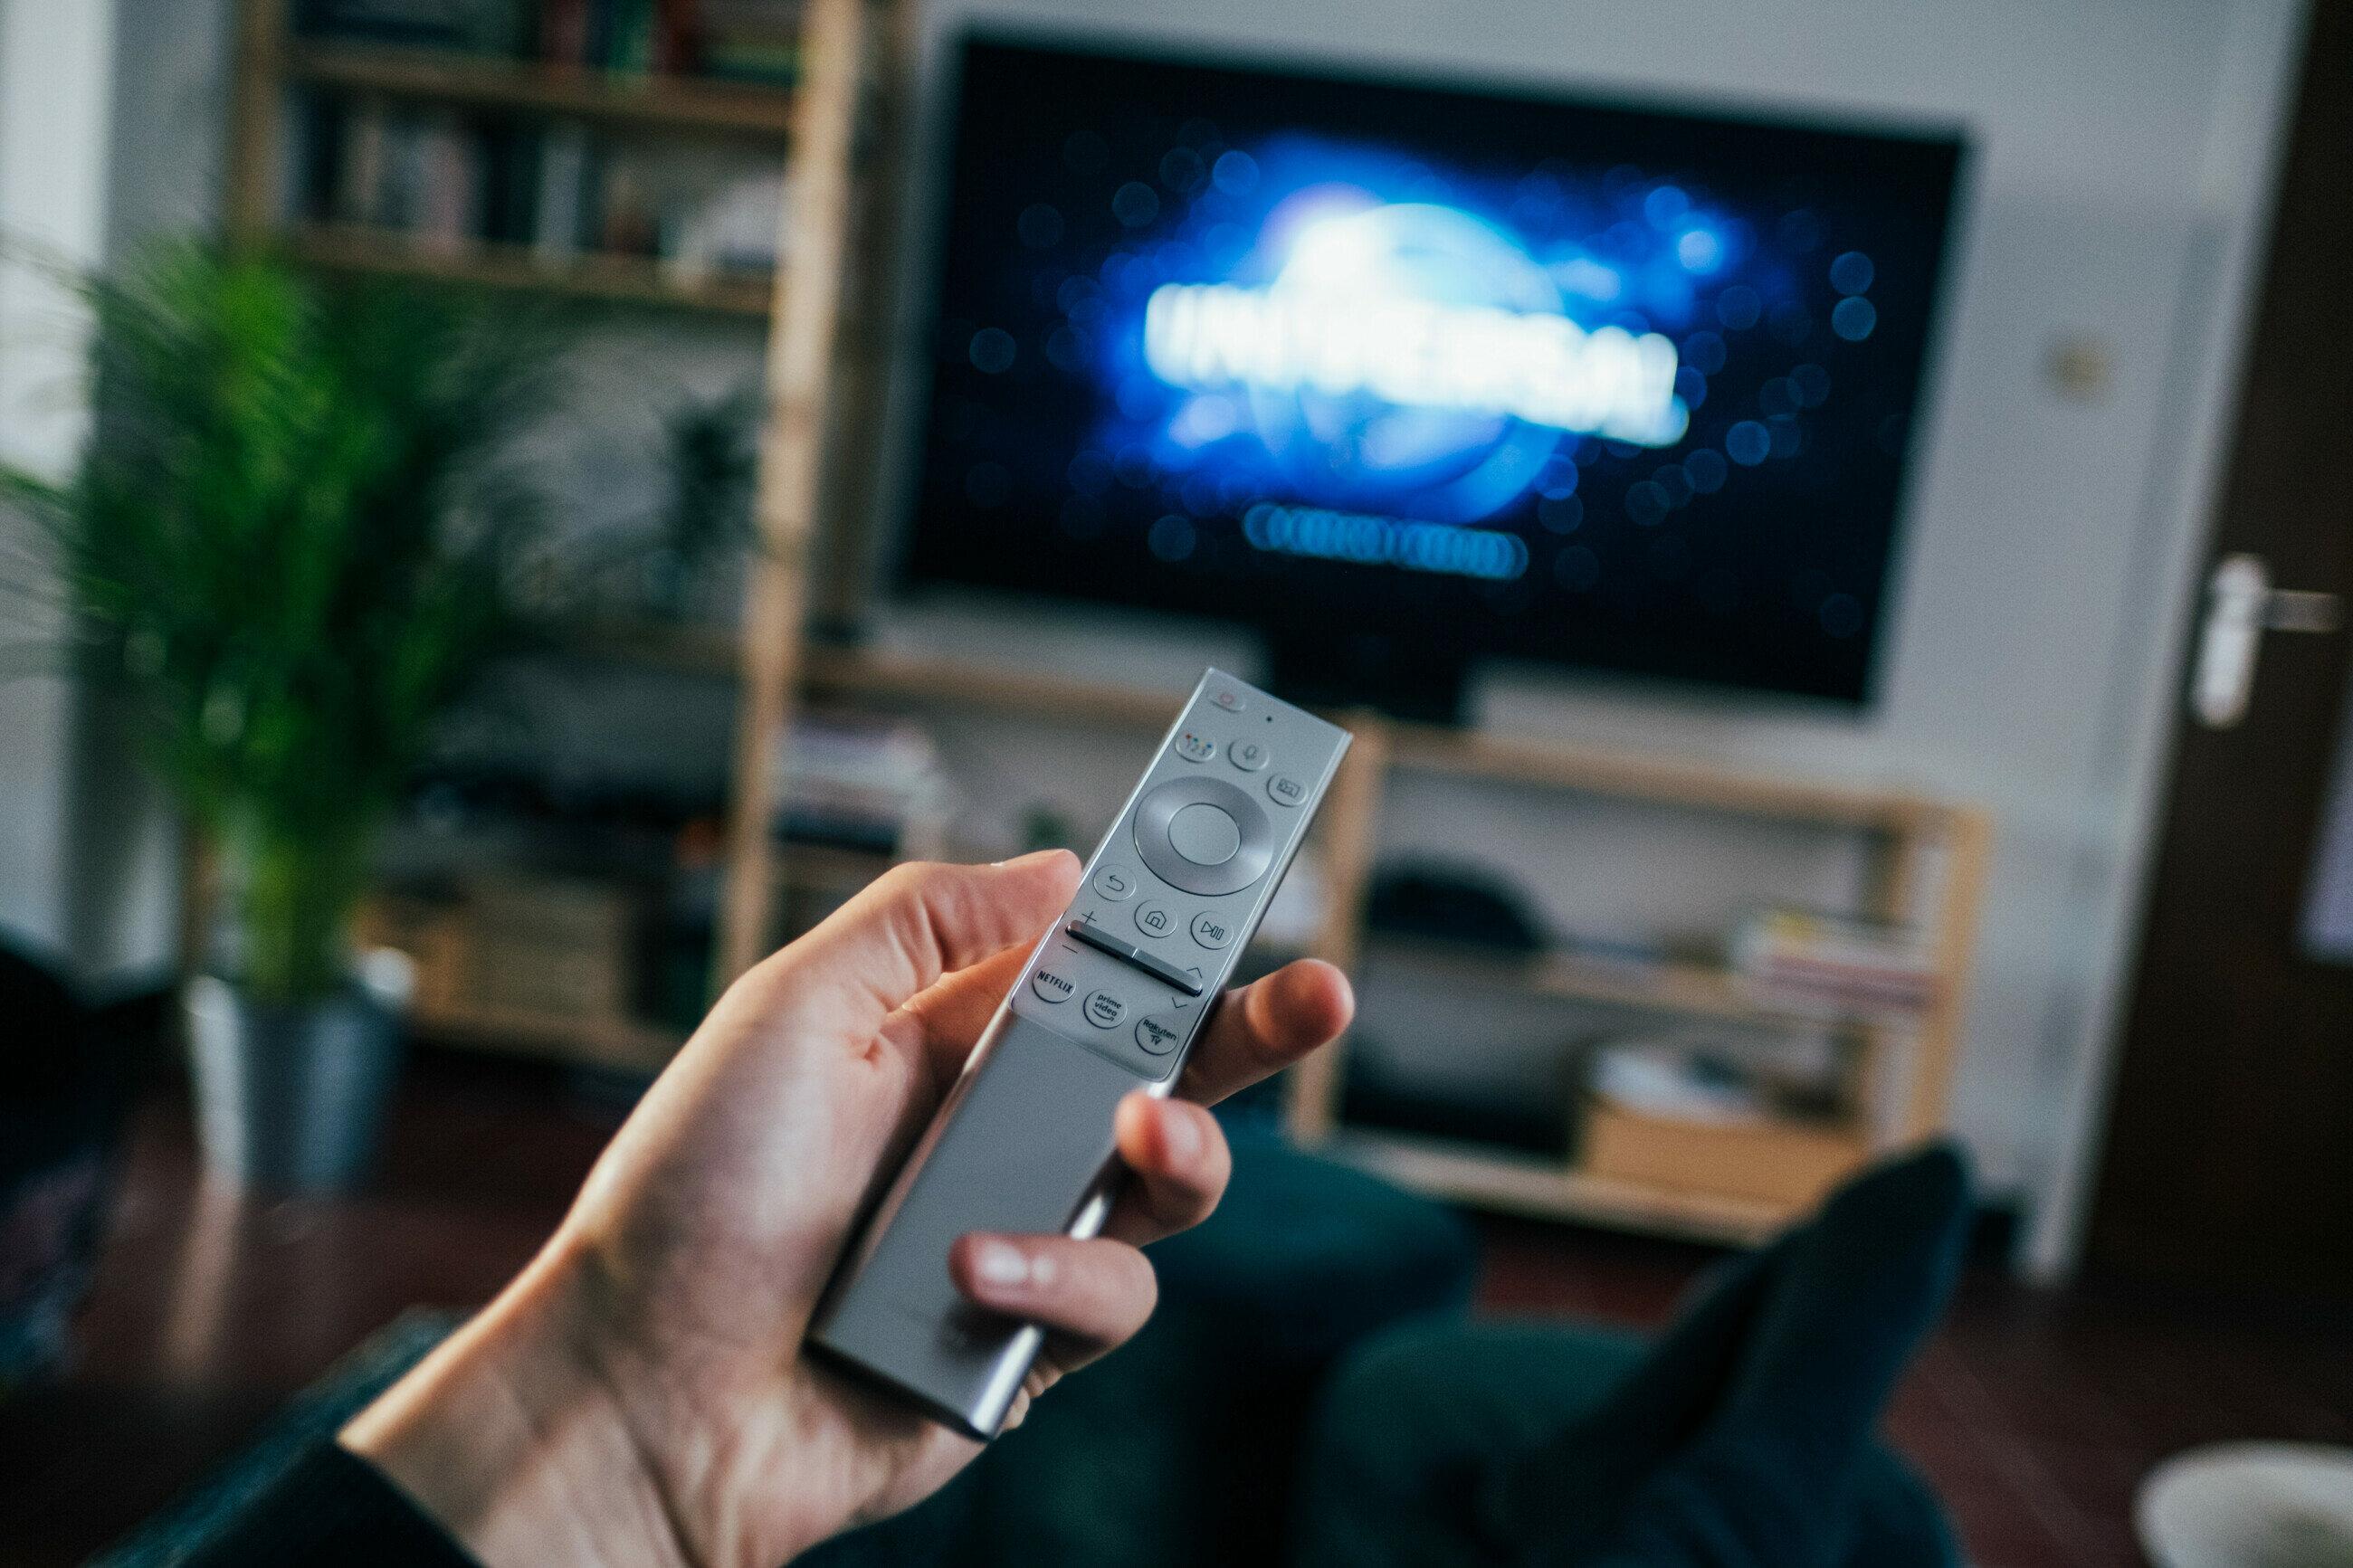 Oglądanie telewizji, zdjęcie ilustracyjne